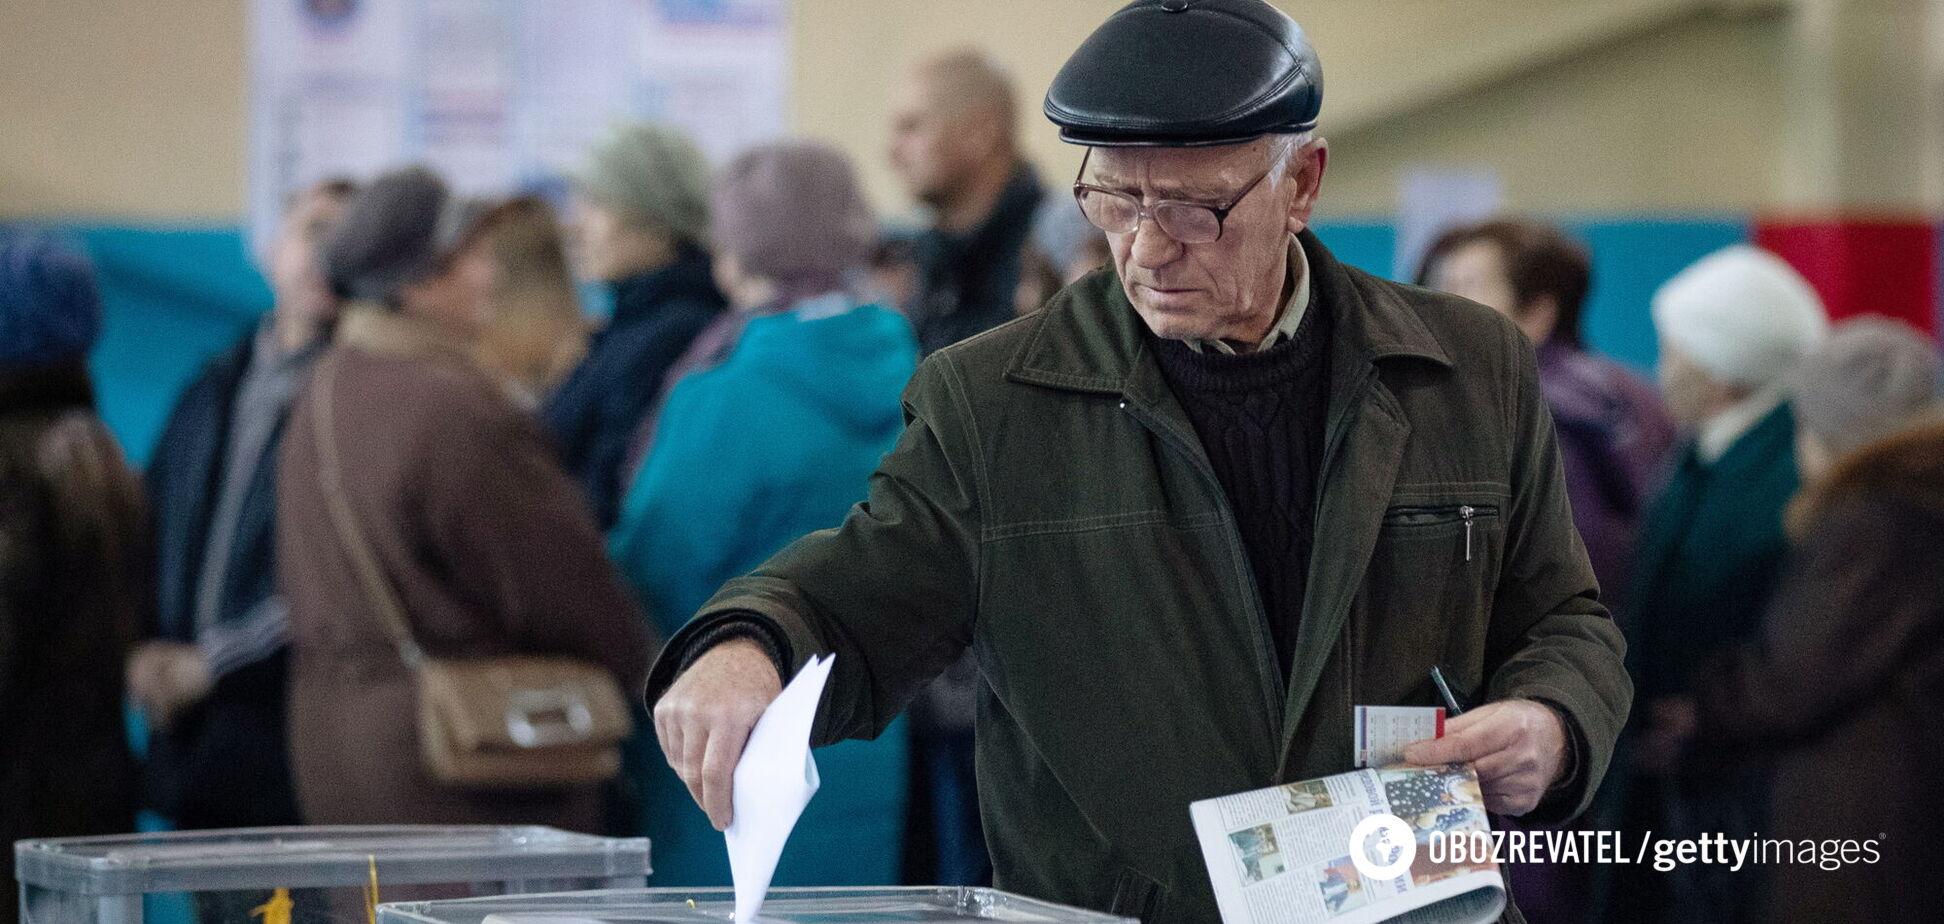 Безсмертний заявив про просування інтересів РФ через вибори на Донбасі